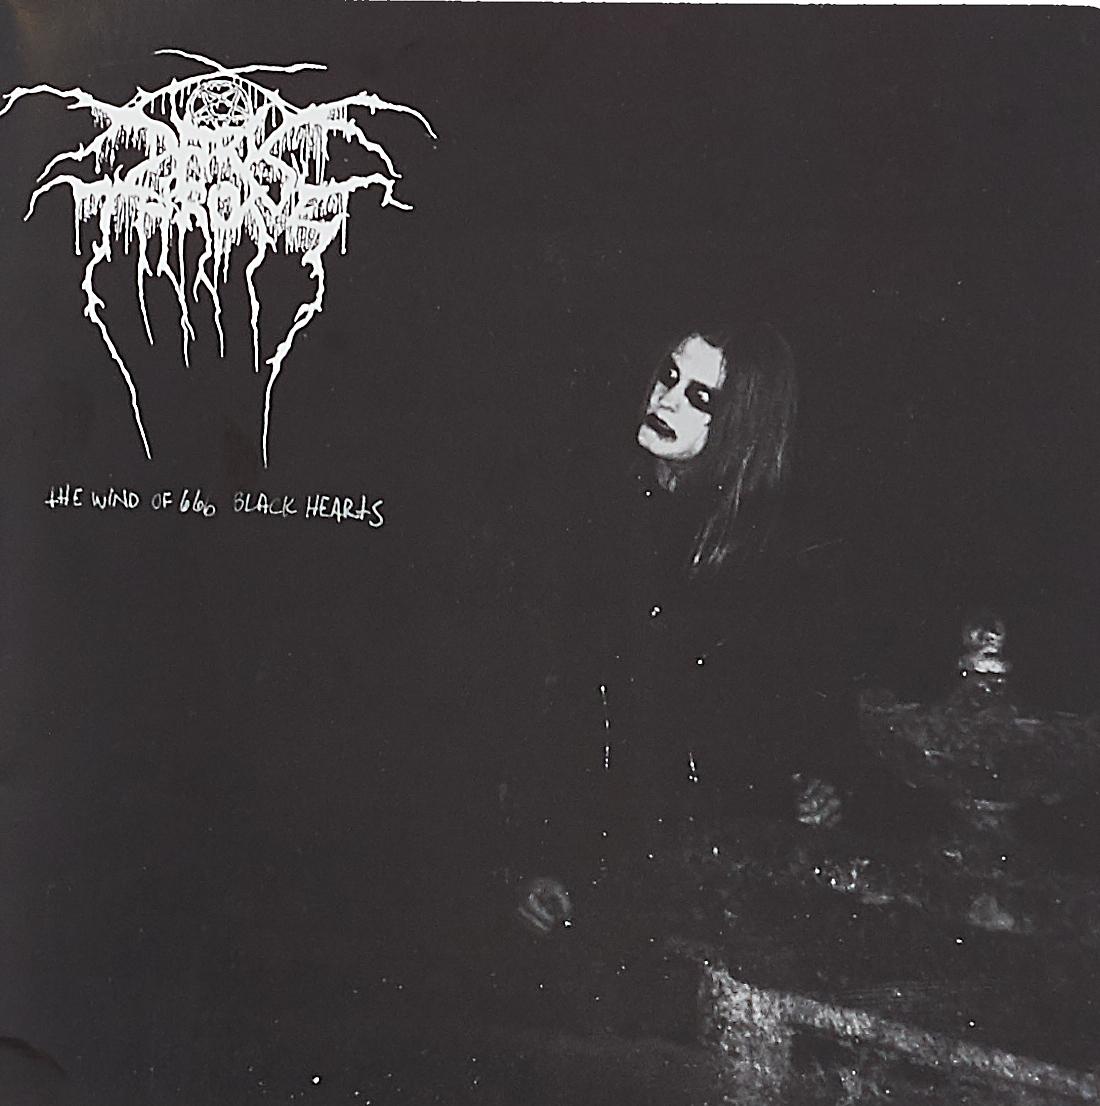 Darkthrone Darkthrone. The Wind Of 666 Black Hearts